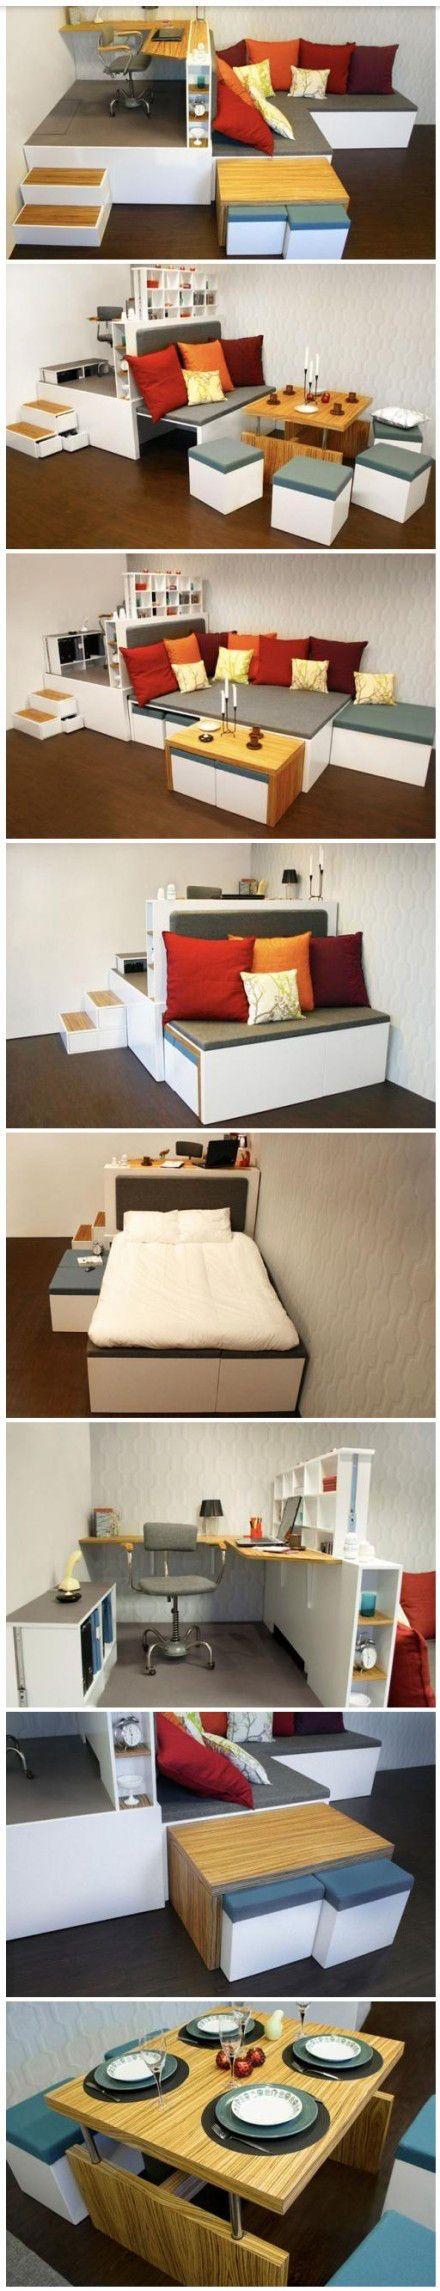 Multifunktionsmöbel - optisch nicht mein Geschmack, aber die Idee gefällt mir: Für jede Gelegenheit das richtige Mobiliar ohne sich die Wohnung bis zum Gehtnichtmehr voll stellen zu müssen.